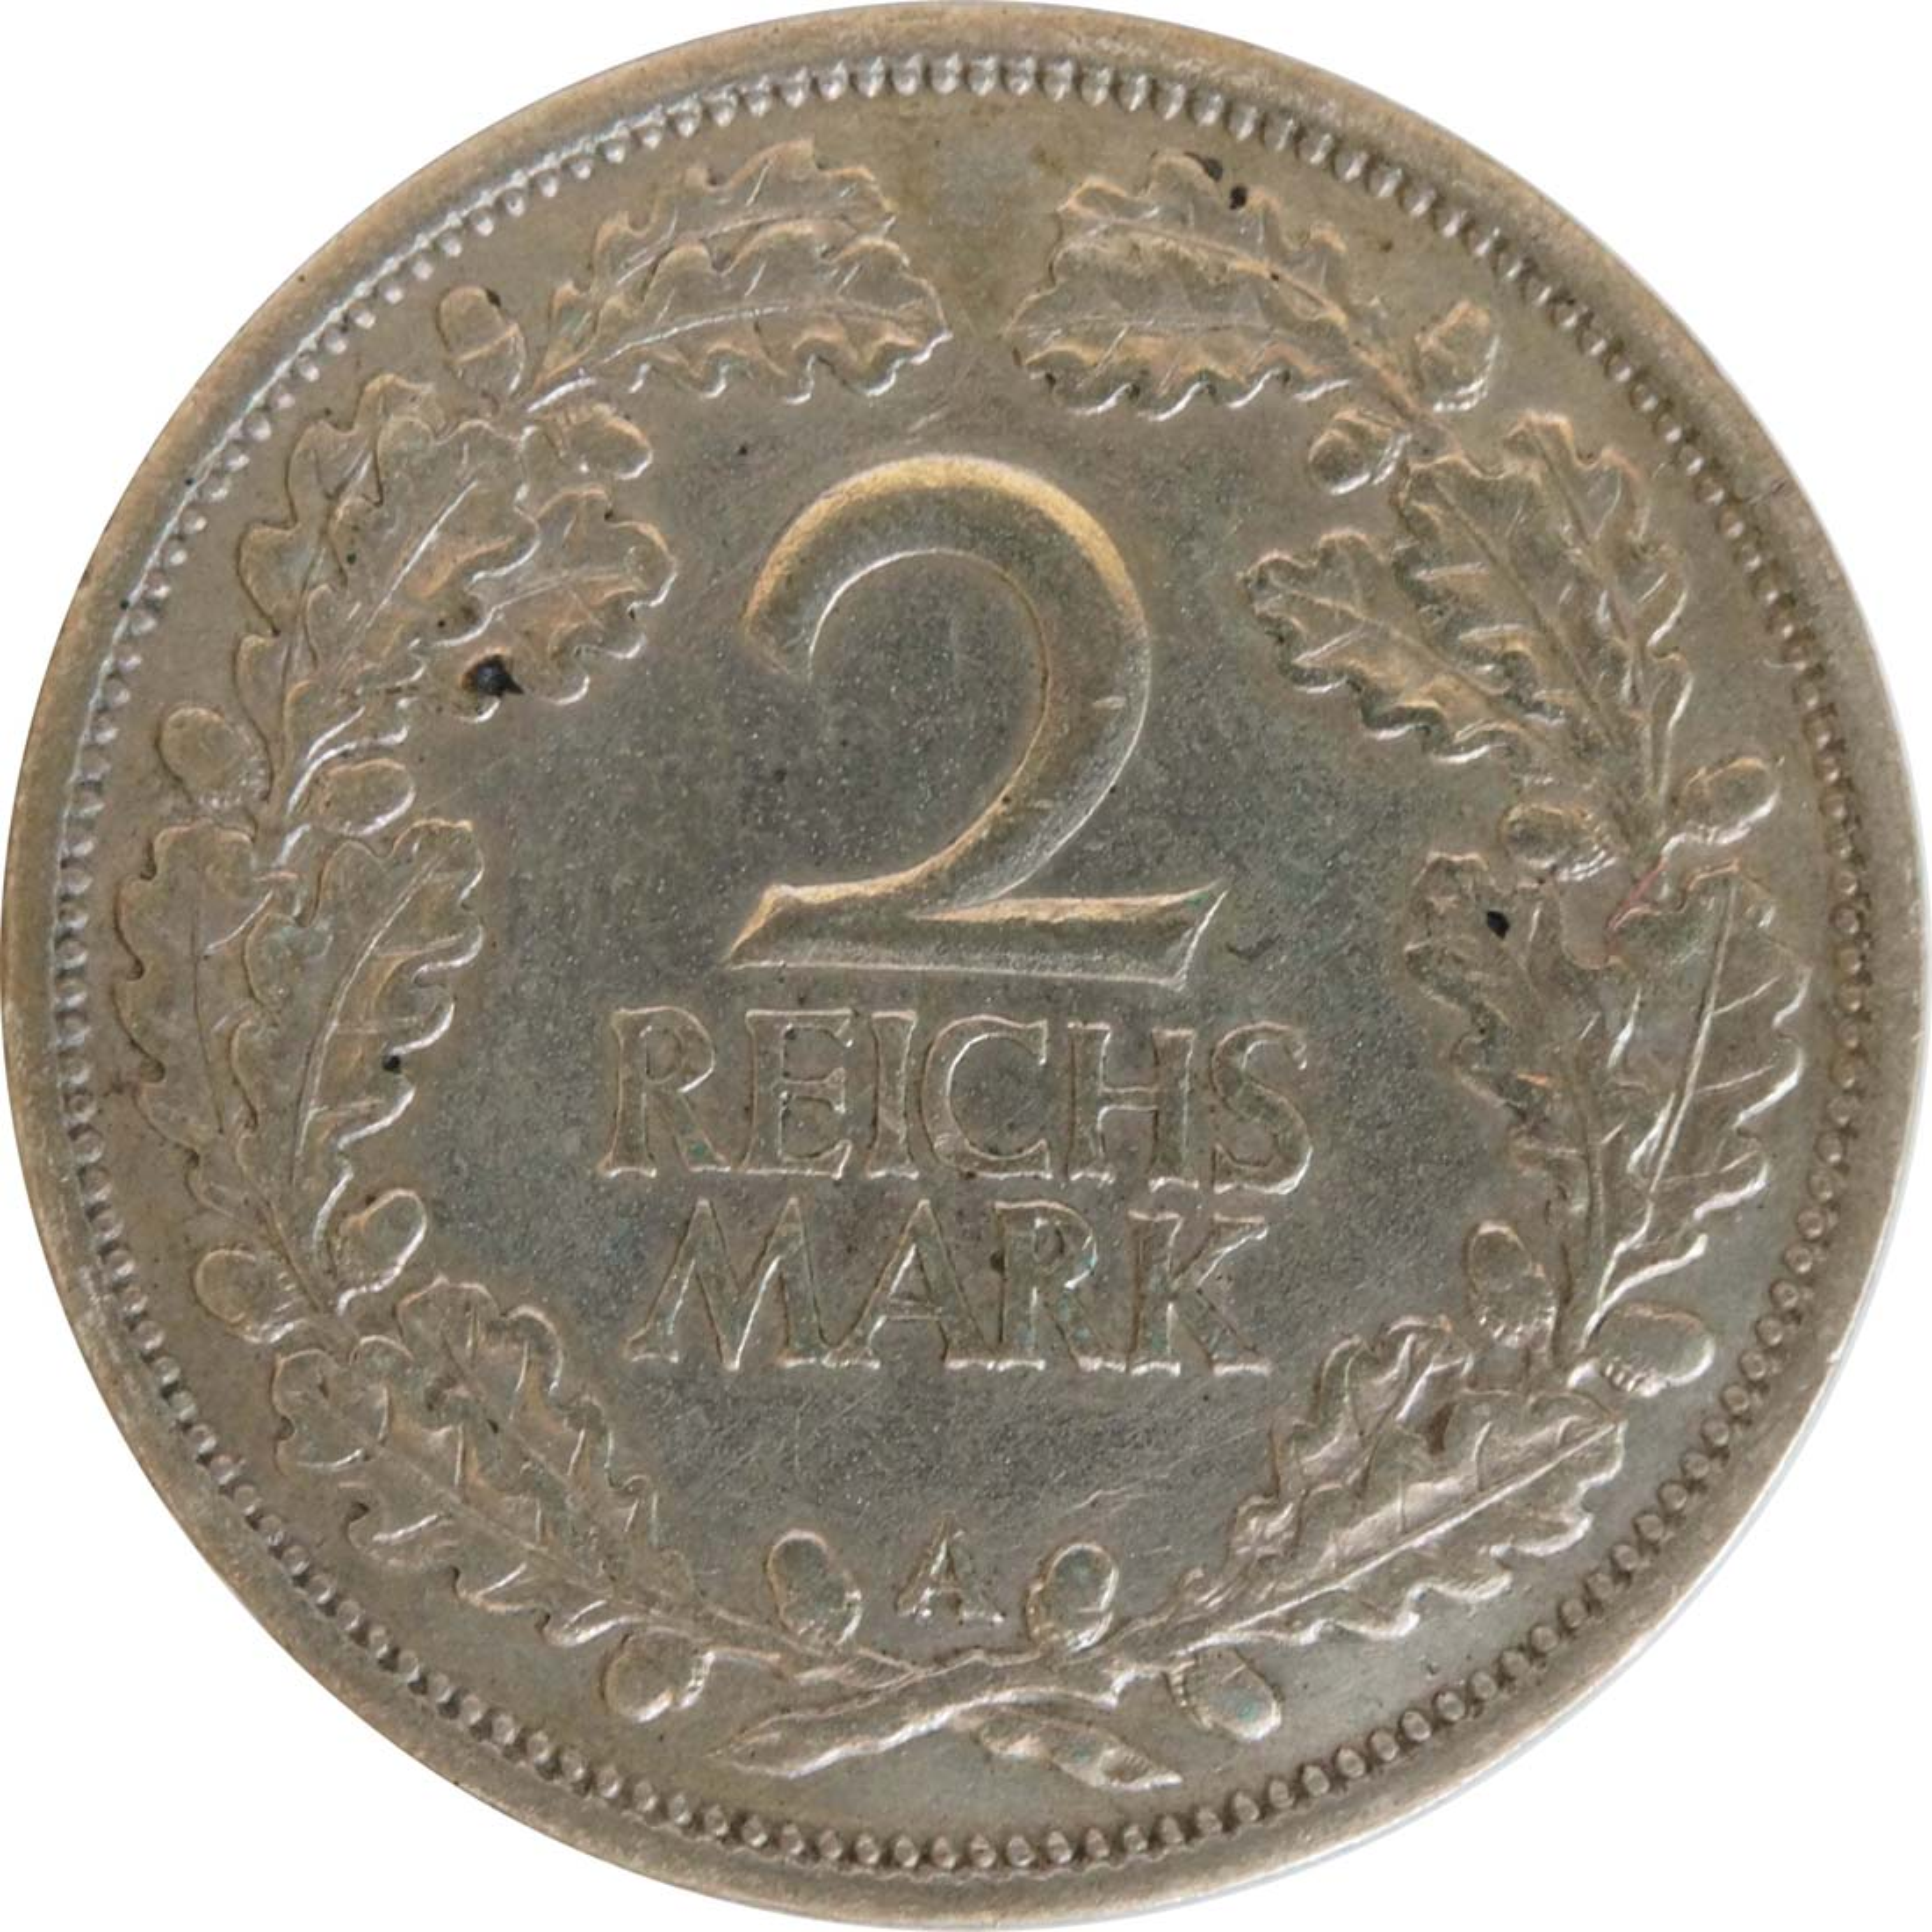 Bild der Vorderseite :Deutschland - 2 Reichsmark Kursmünze  1927 ss.